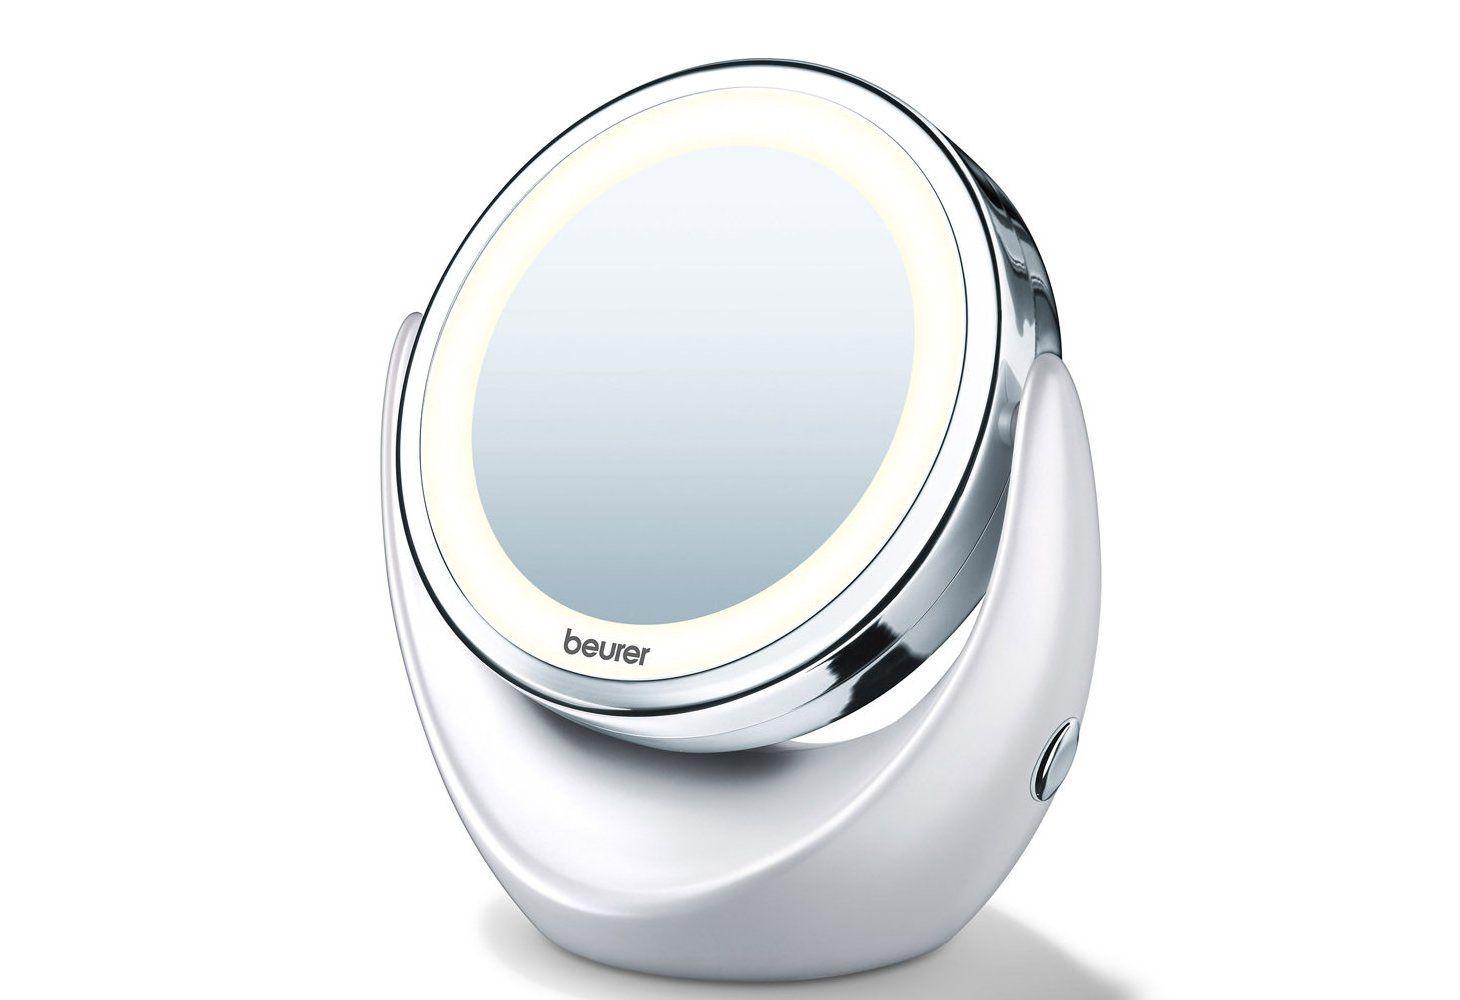 BEURER Beurer Beleuchteter Kosmetikspiegel BS 49